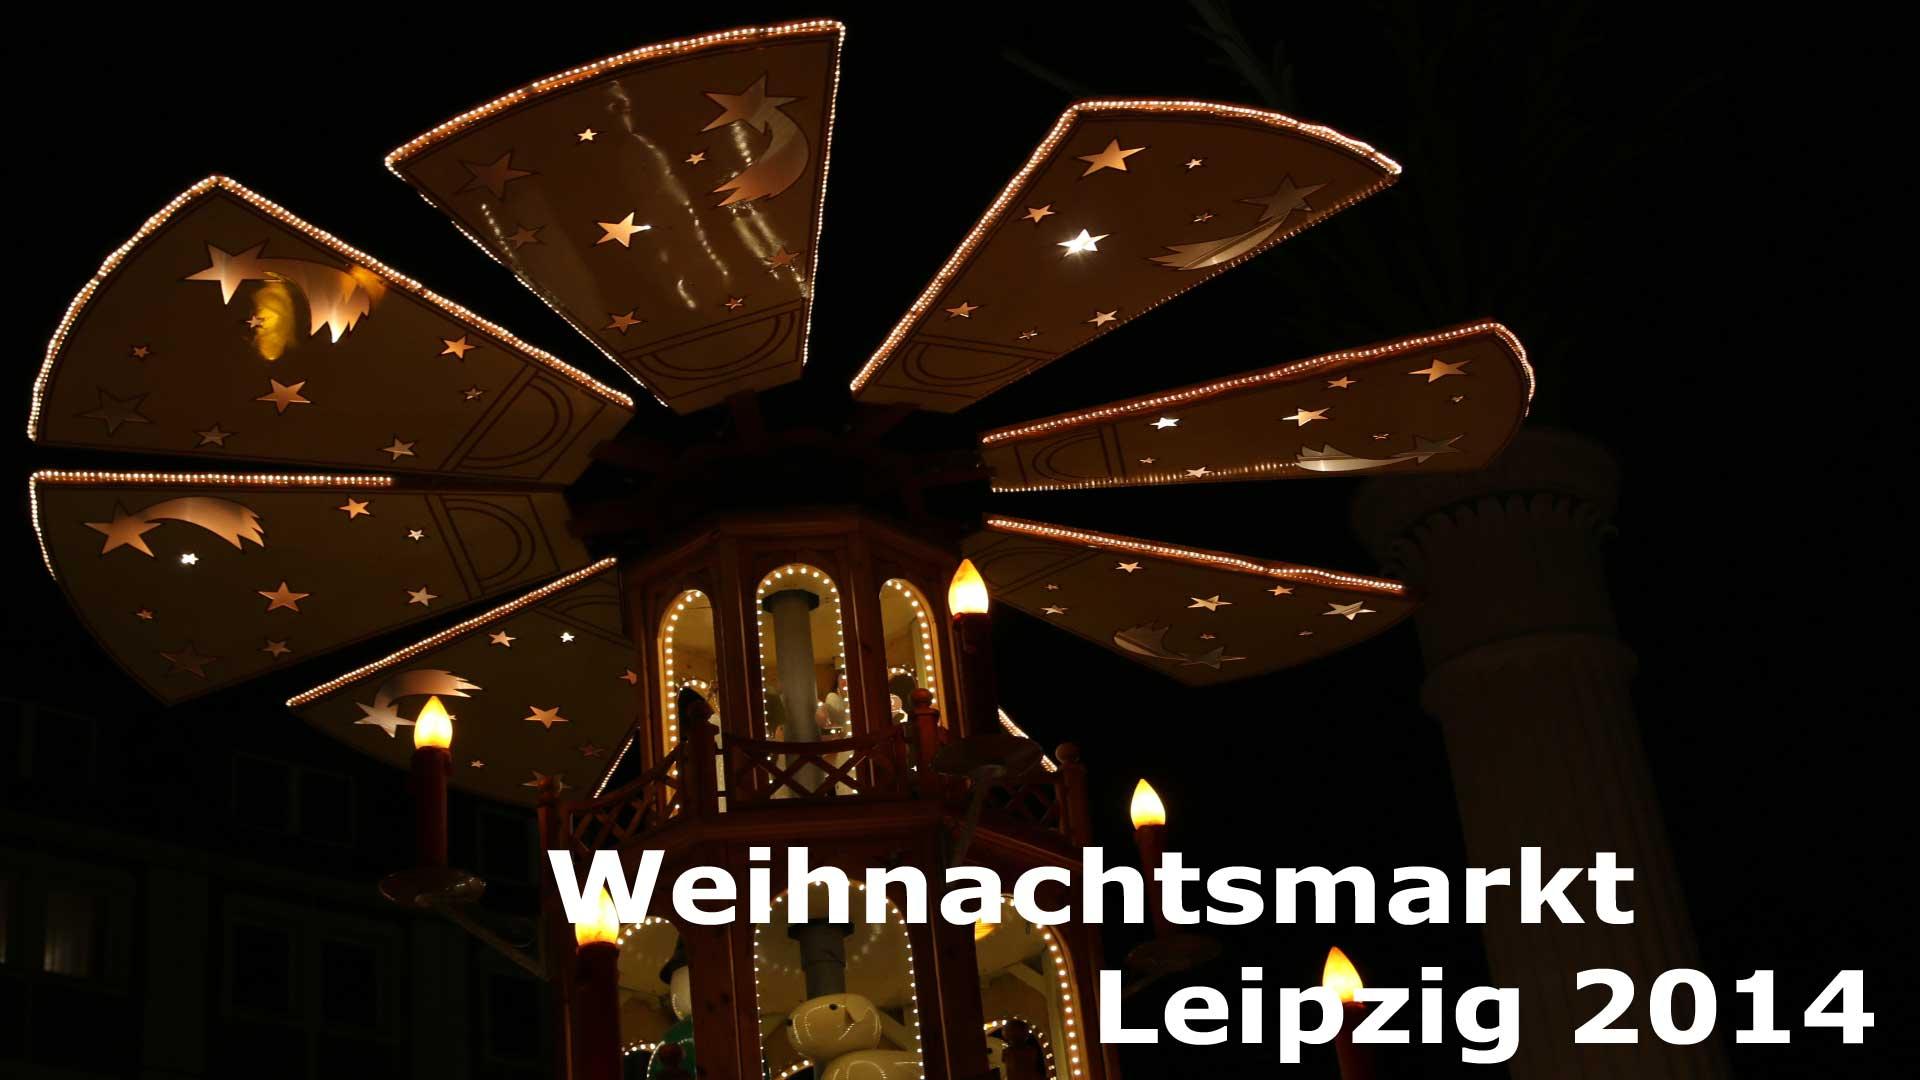 Weihnachtsmarkt Leipzig 2014